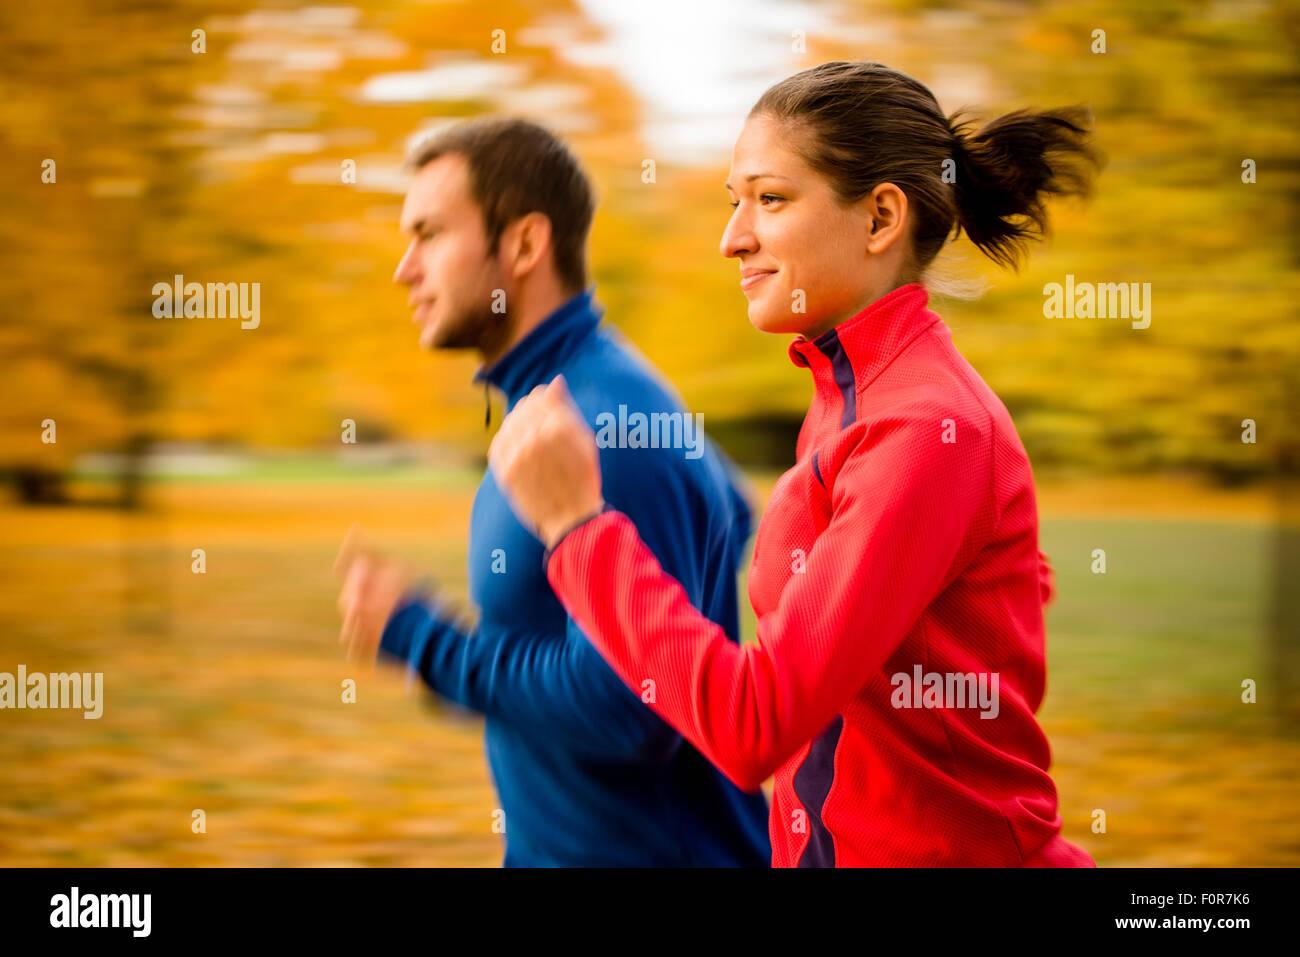 Il panning foto di coppia giovane jogging insieme in natura Immagini Stock